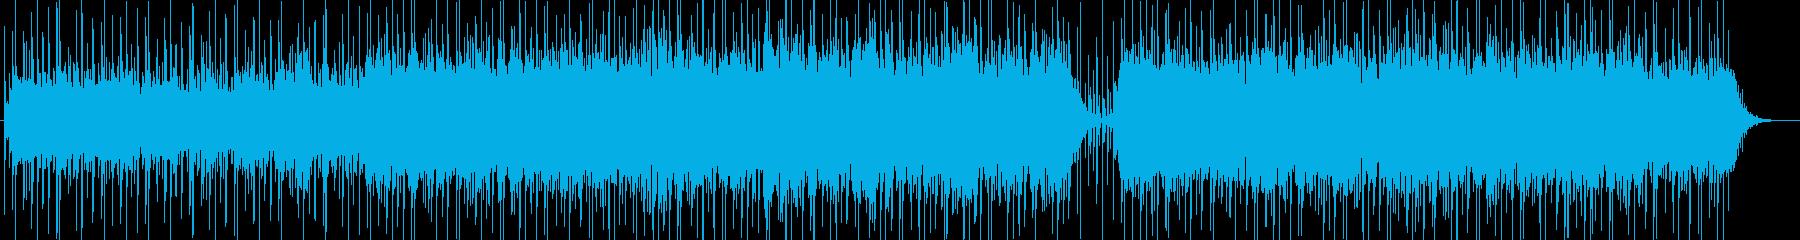 落ち着き・映像・解説・ナレーション用の再生済みの波形